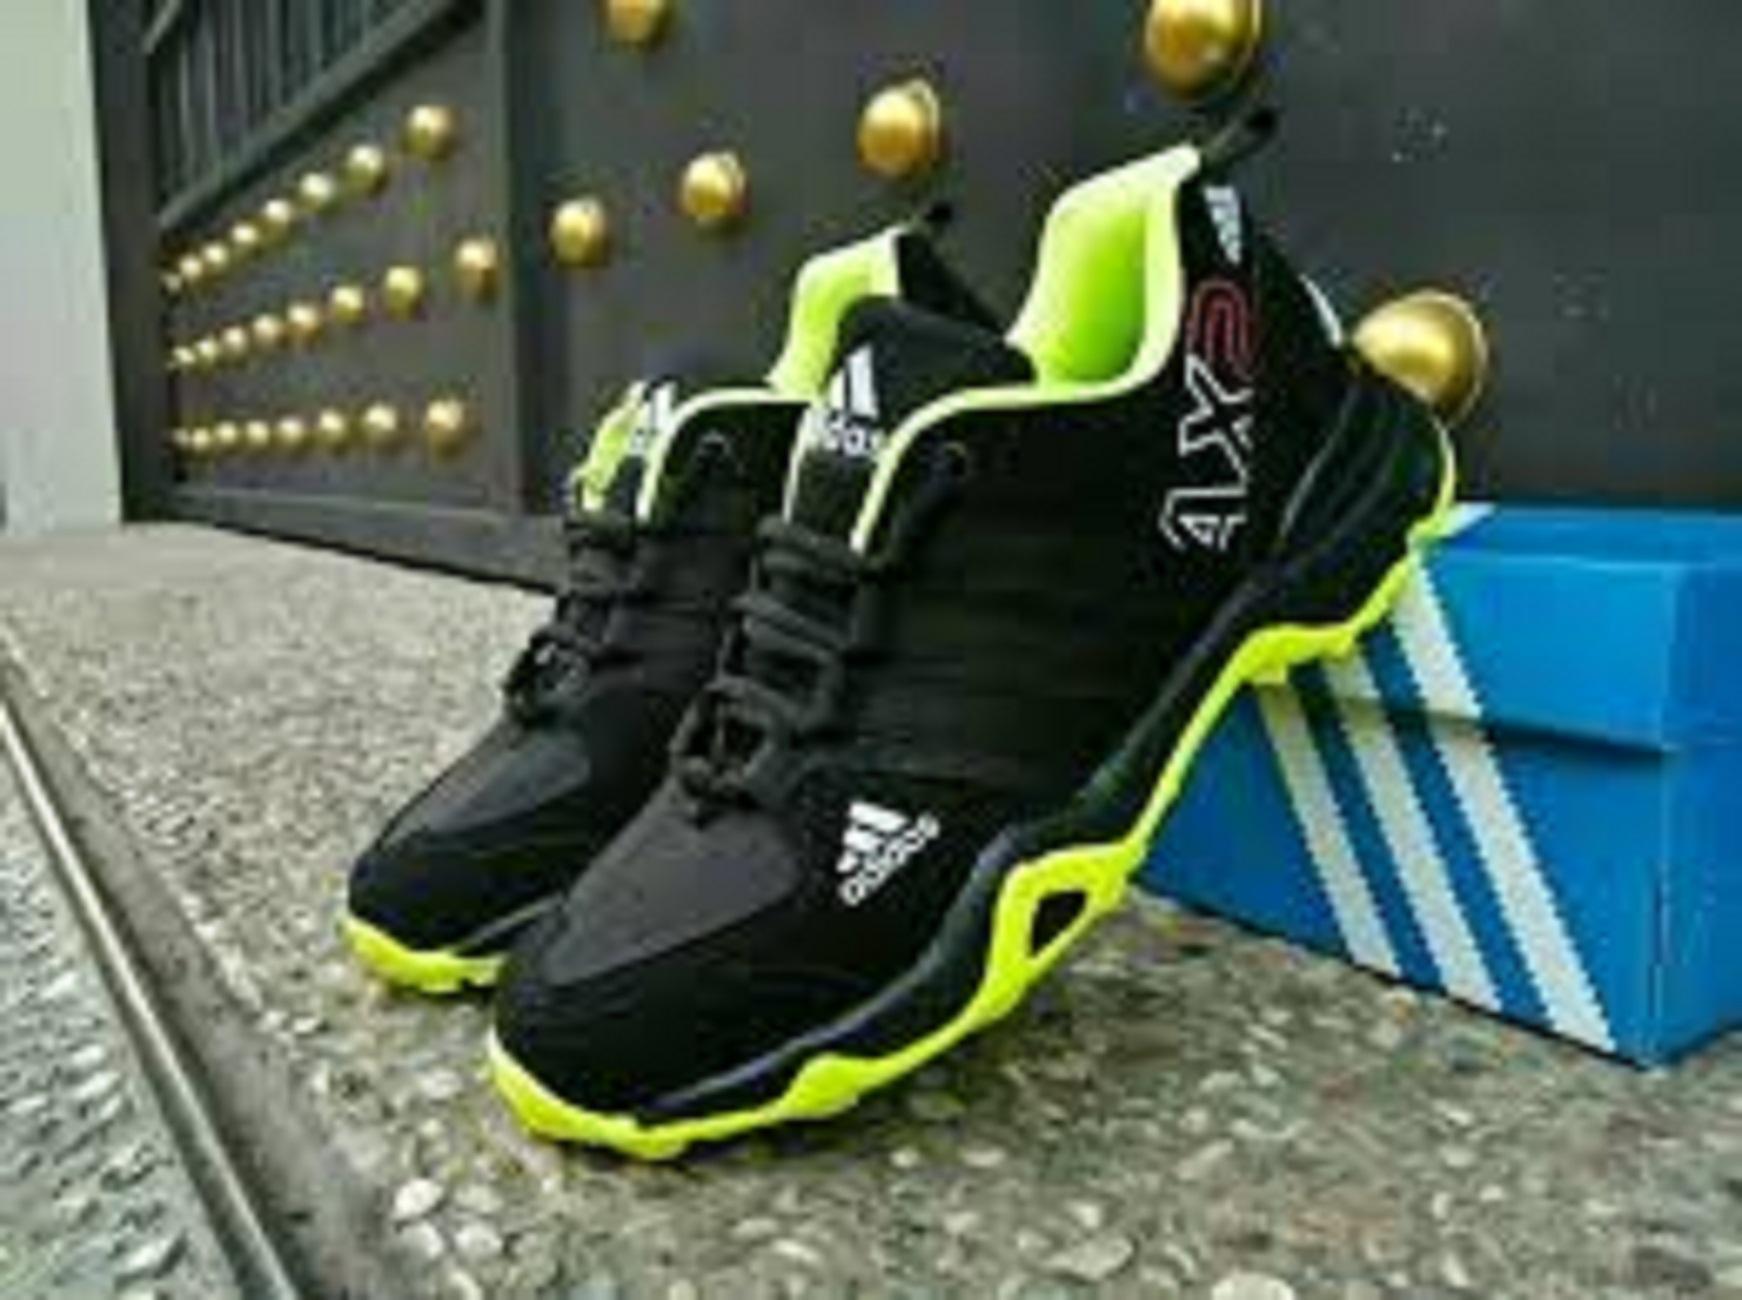 wholesale dealer 81af0 7af60 Sepatu pria wanita   sepatu casual murah   sepatu sport promo   sepatu  kekinian   sepatu original nike adidas   sepatu terbaru termurah   sepatu  terlaris ...